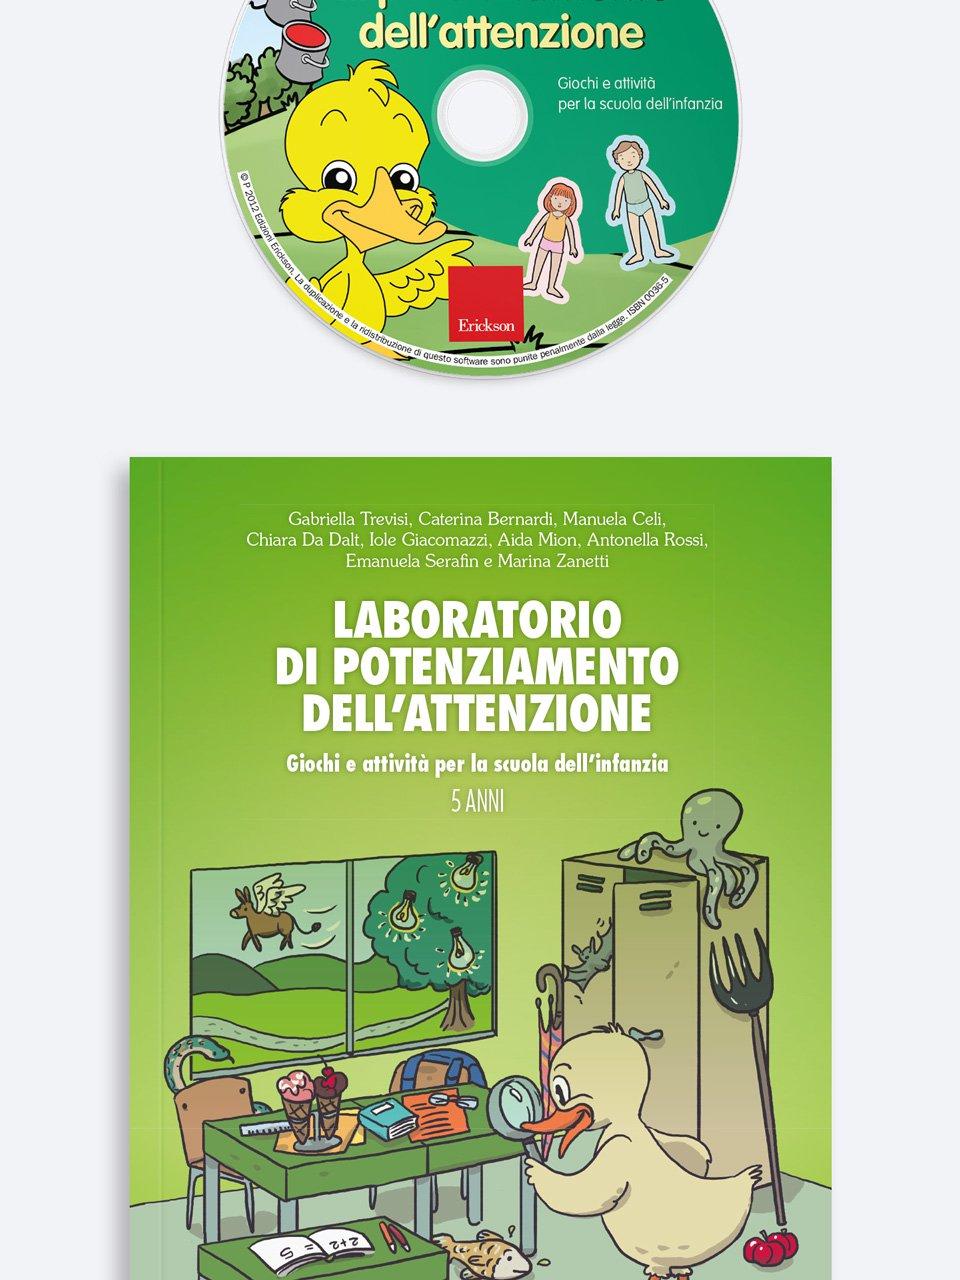 Laboratorio di potenziamento dell'attenzione - Conosco il mondo con la LIS - Libri - Erickson 3